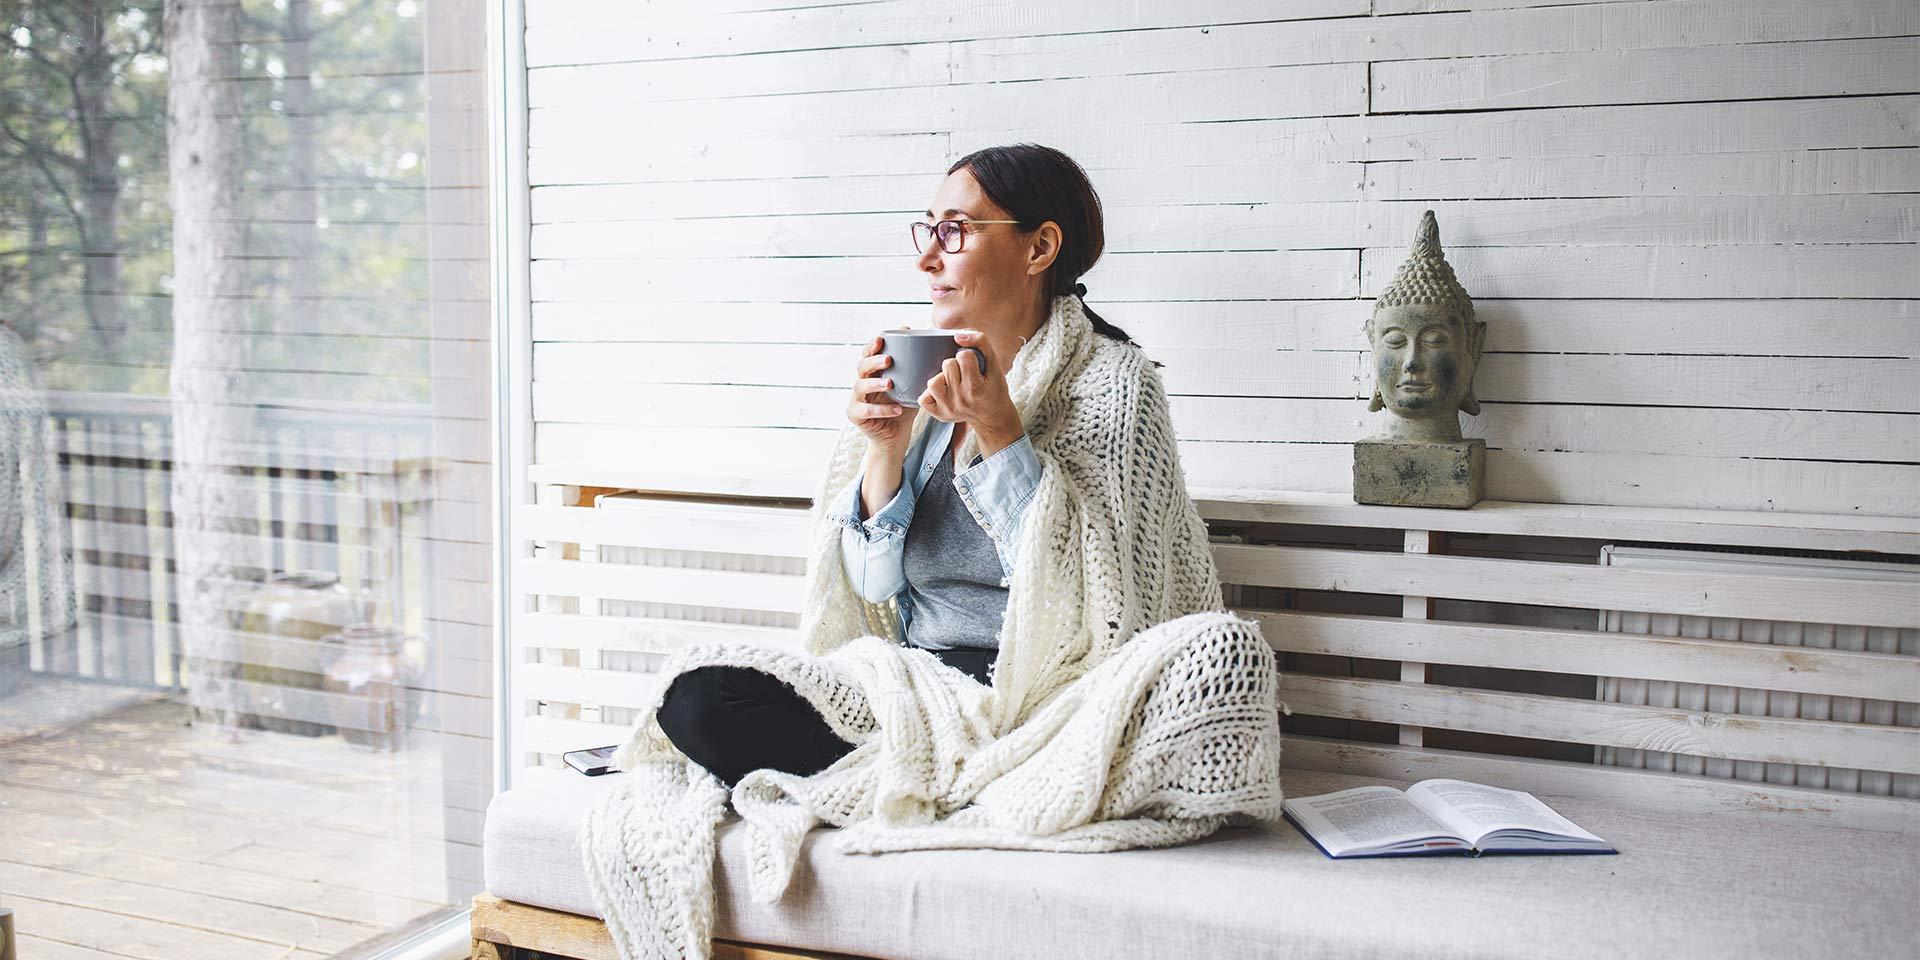 Femme assise qui boit un thé